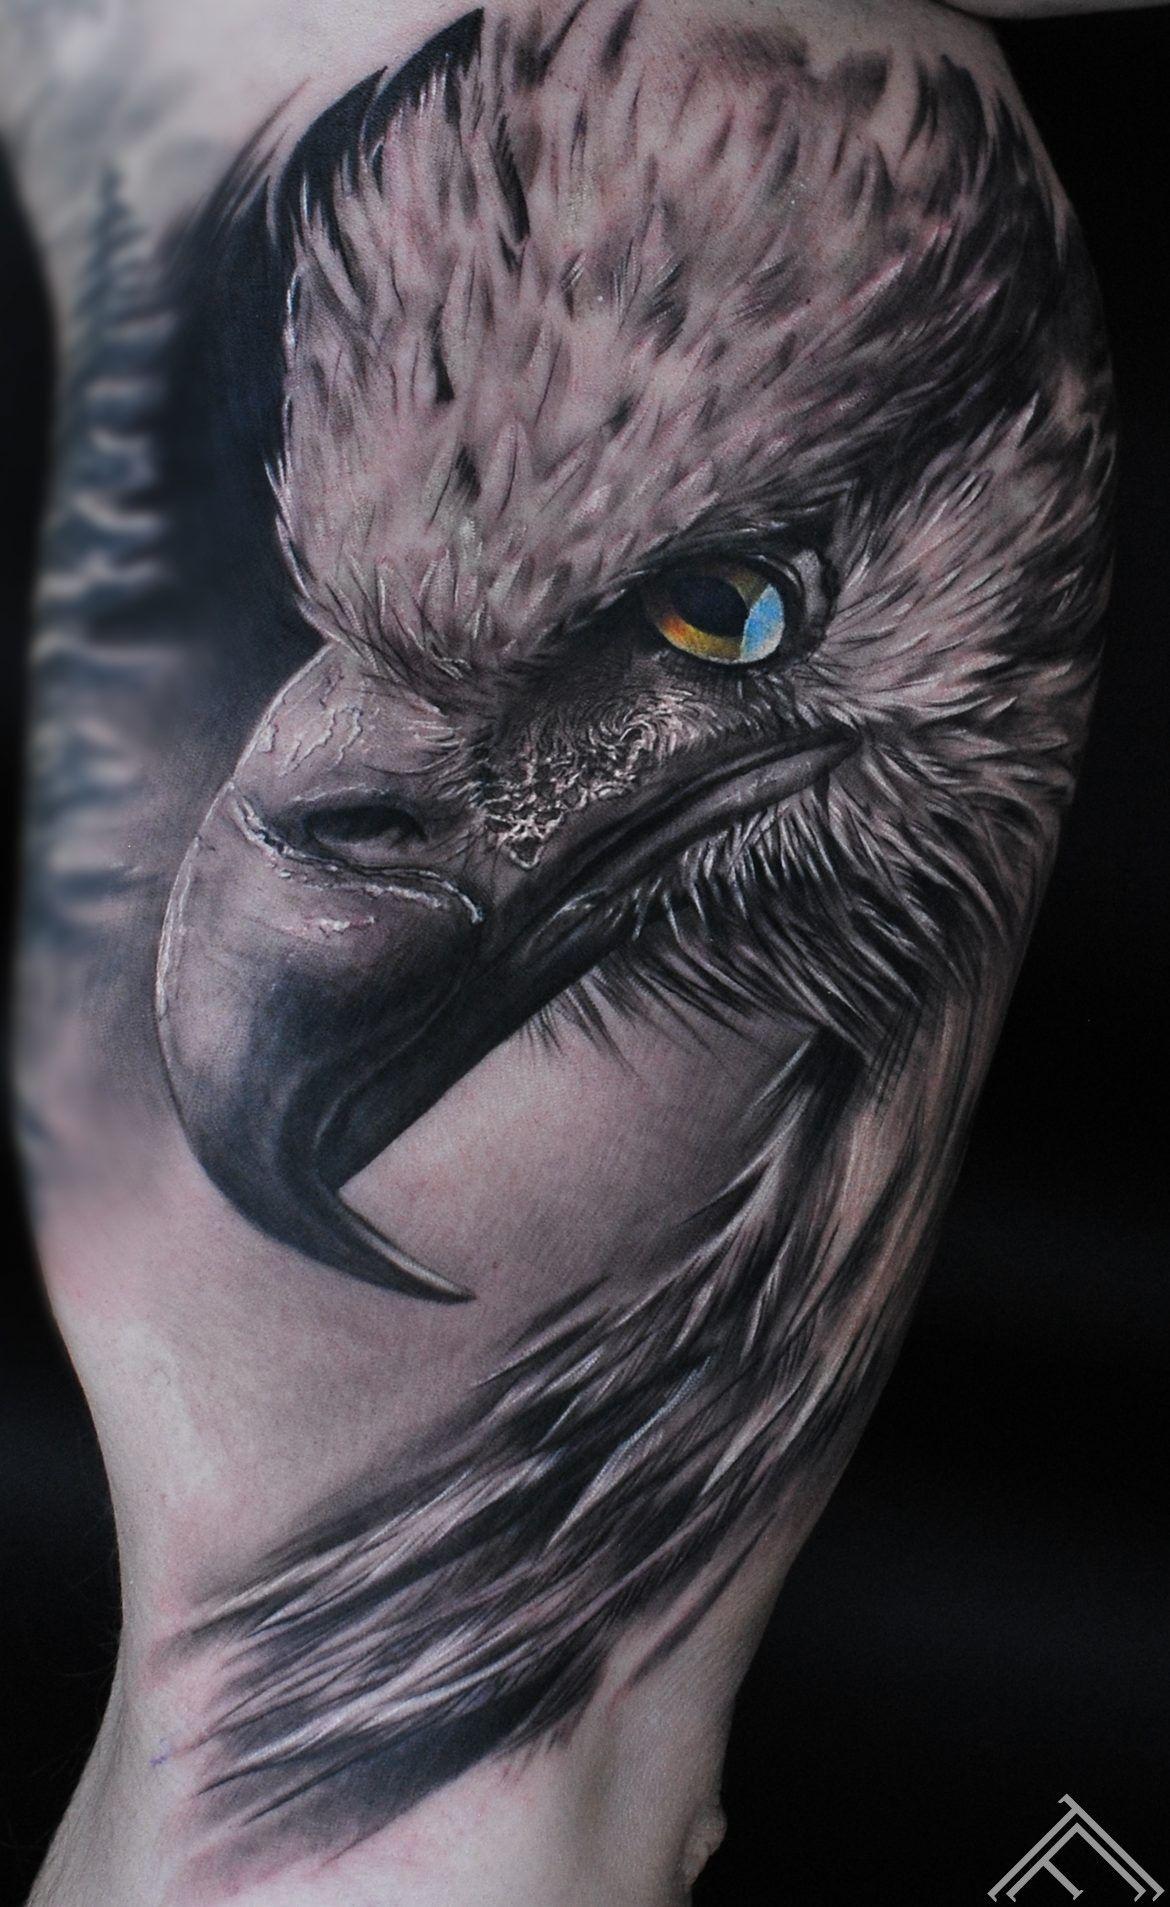 Tetovēšanas salons pakalpojumi pie profesionāliem tetovētājiem ar ilgu gadu pieredzi. Piedāvājam dažāda veida un stila tetovējumus.